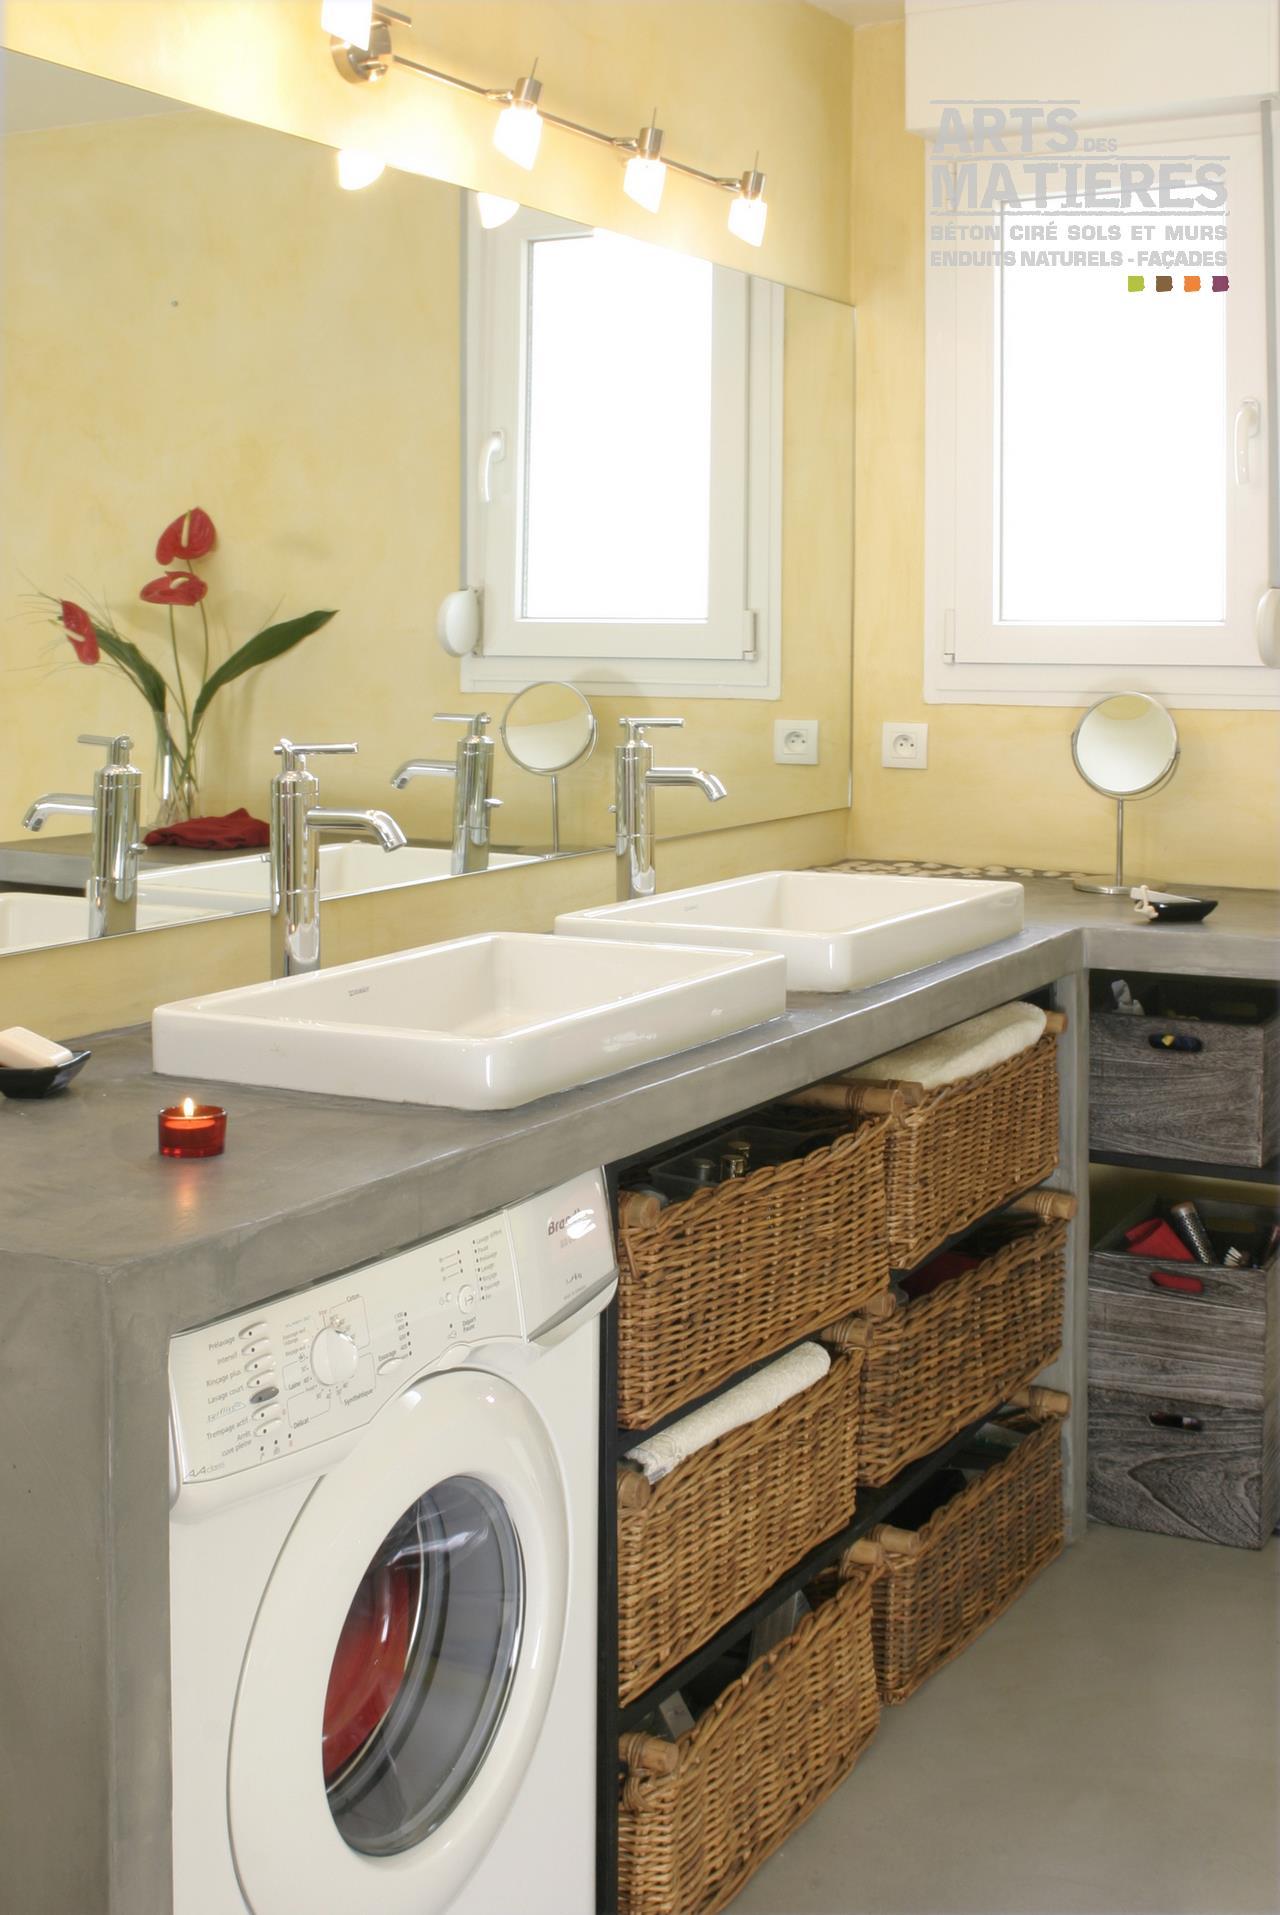 Plan de travail salle de bain en bambou - pearlfection.fr